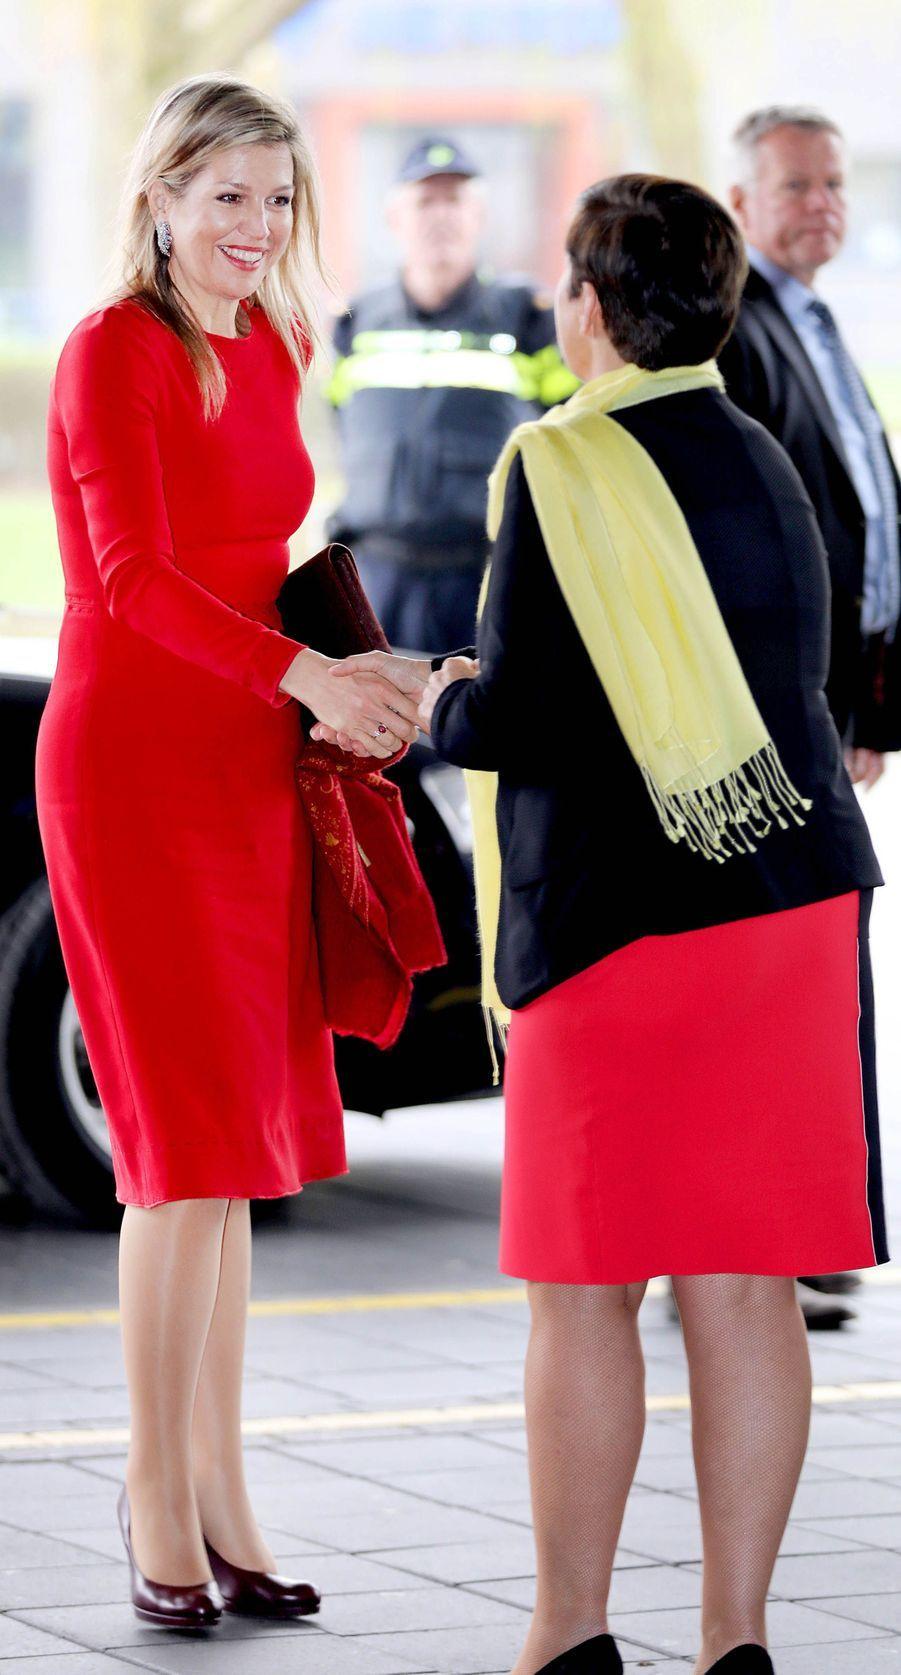 La reine Maxima des Pays-Bas, en Dolce & Gabbana, à Leyde le 12 avril 2018